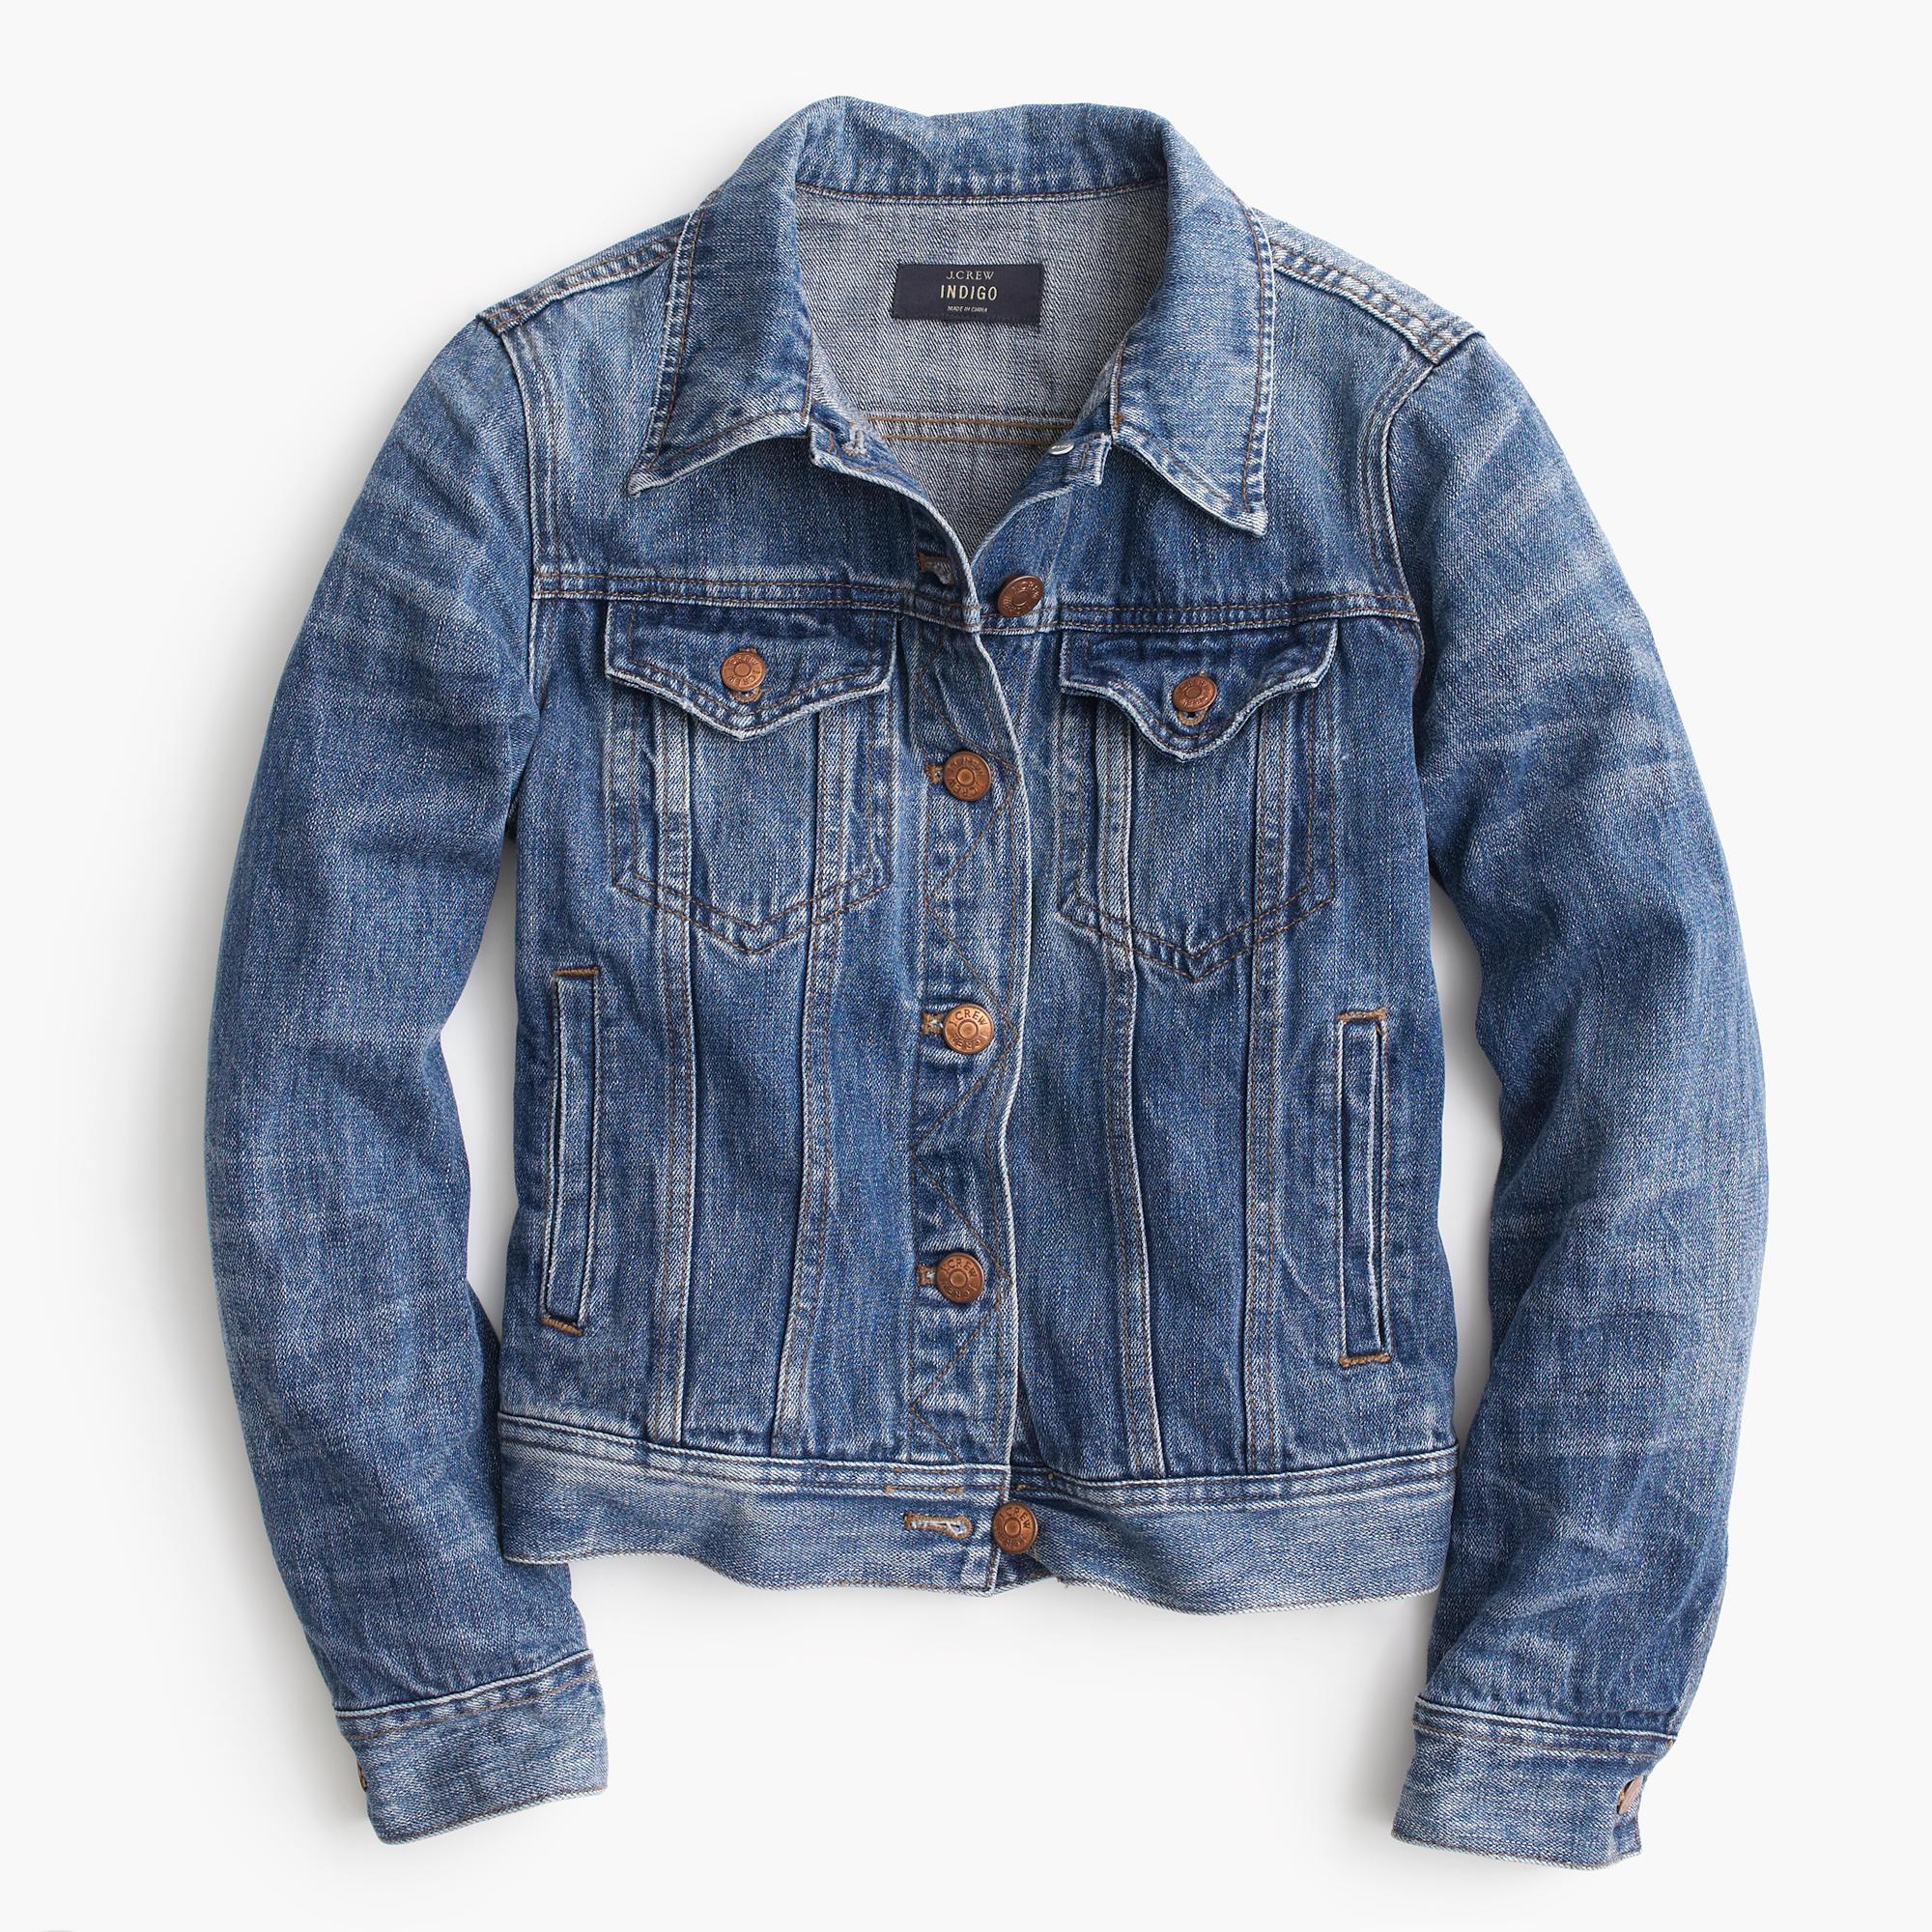 jean jackets ... classic denim jacket; classic denim jacket zrszltb